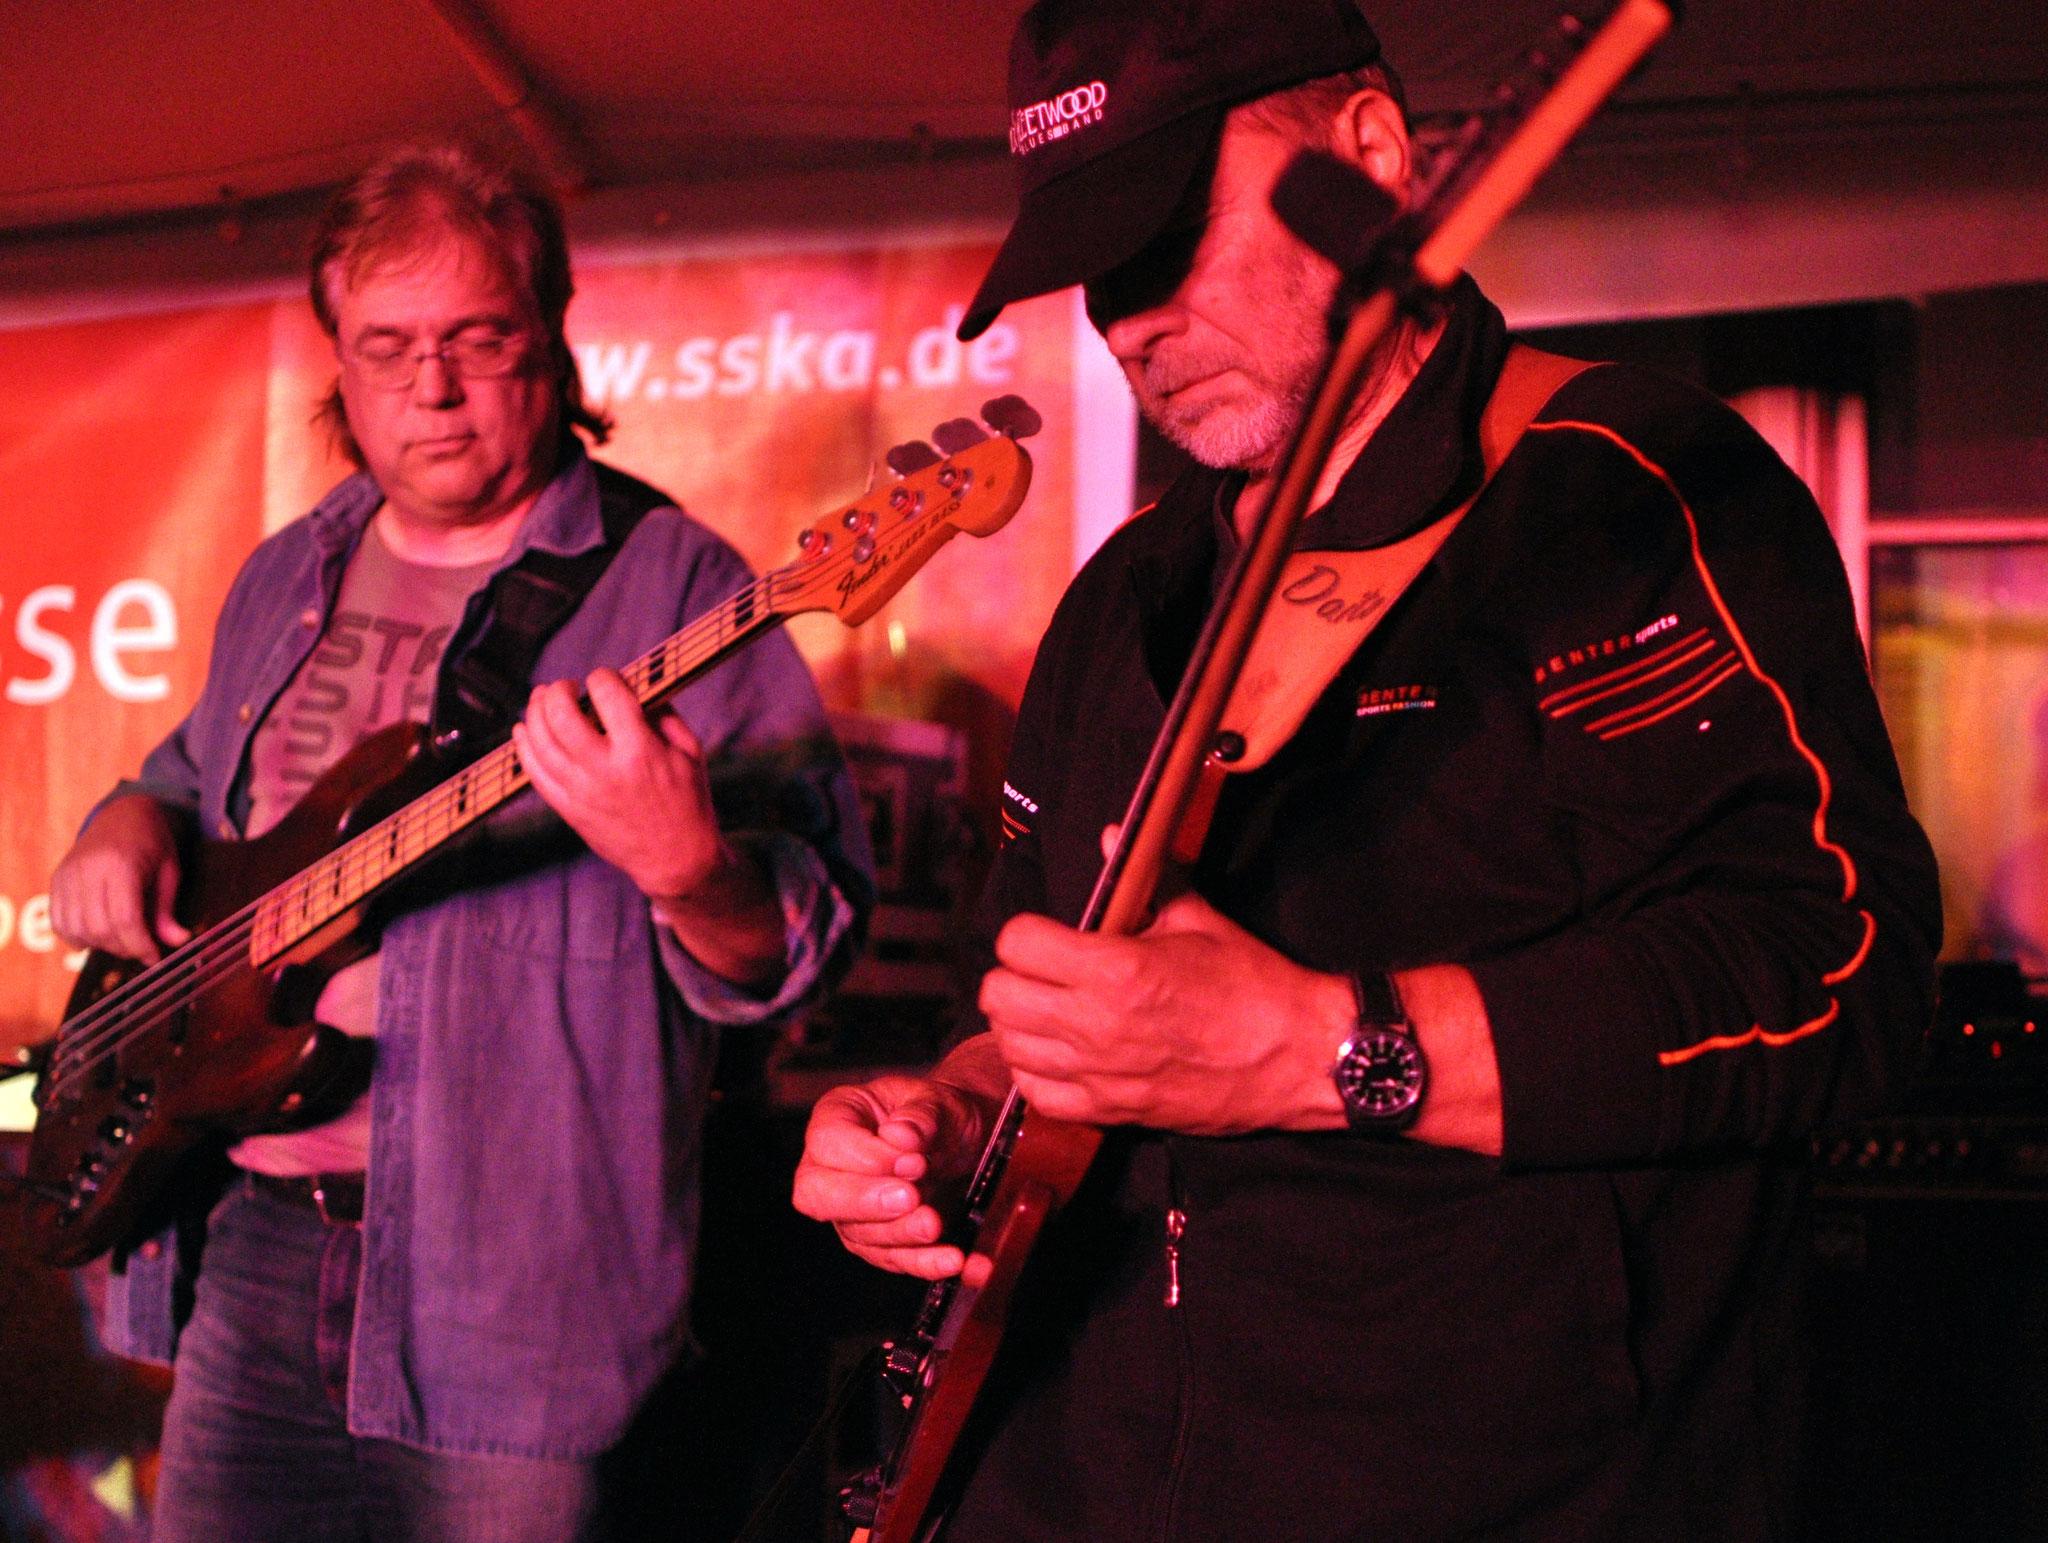 Konzerte im Bürgerhof 15.07.11 MaddoX - Freiwilligen-Zentrum Augsburg - Foto: Martin Schönberger